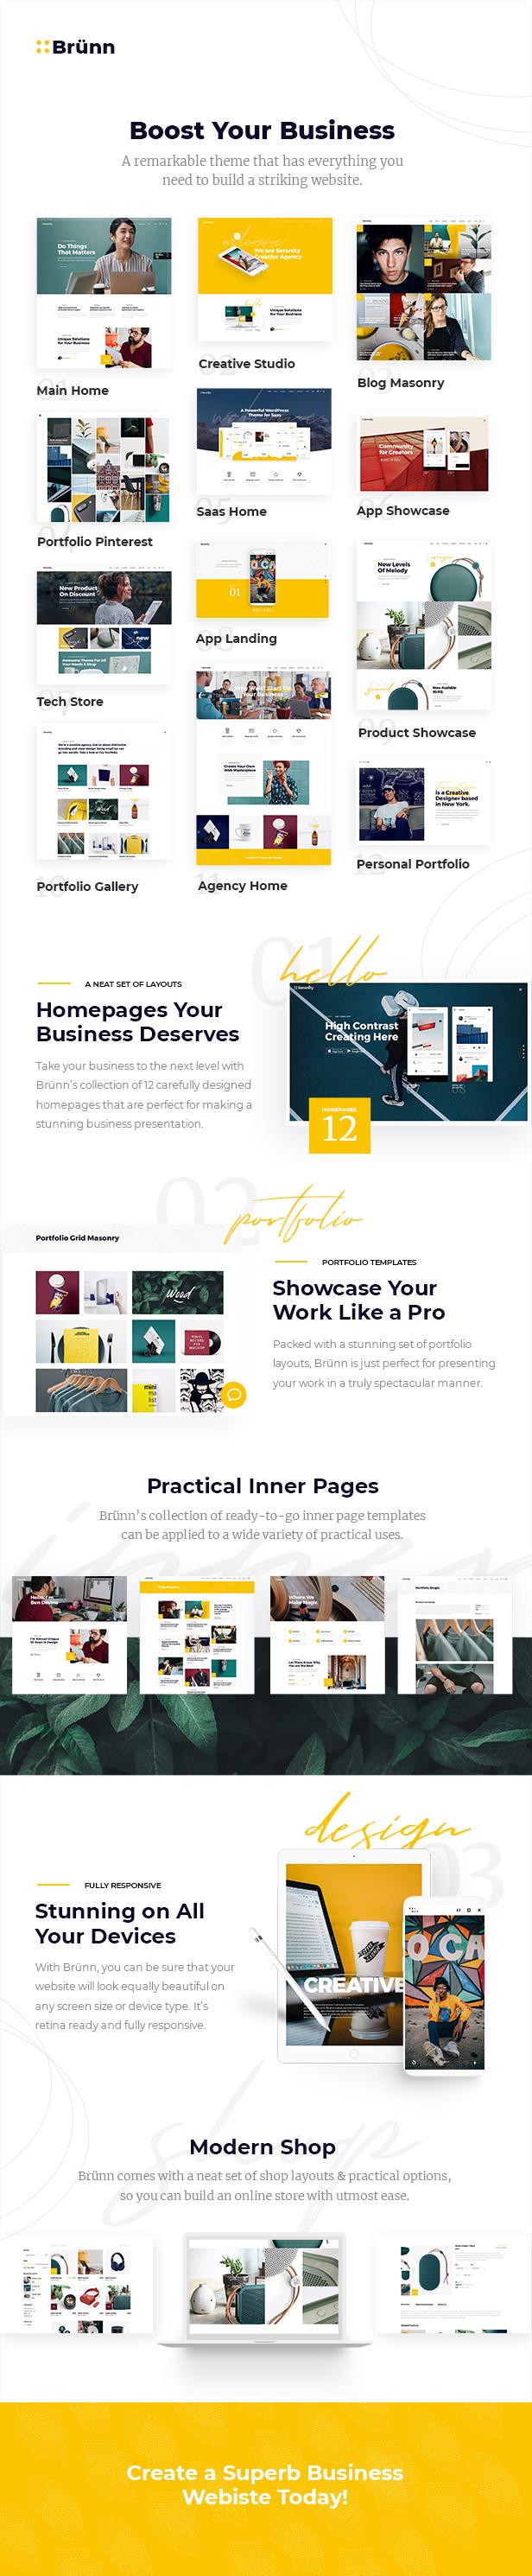 Brünn - Creative Agency Theme - 1